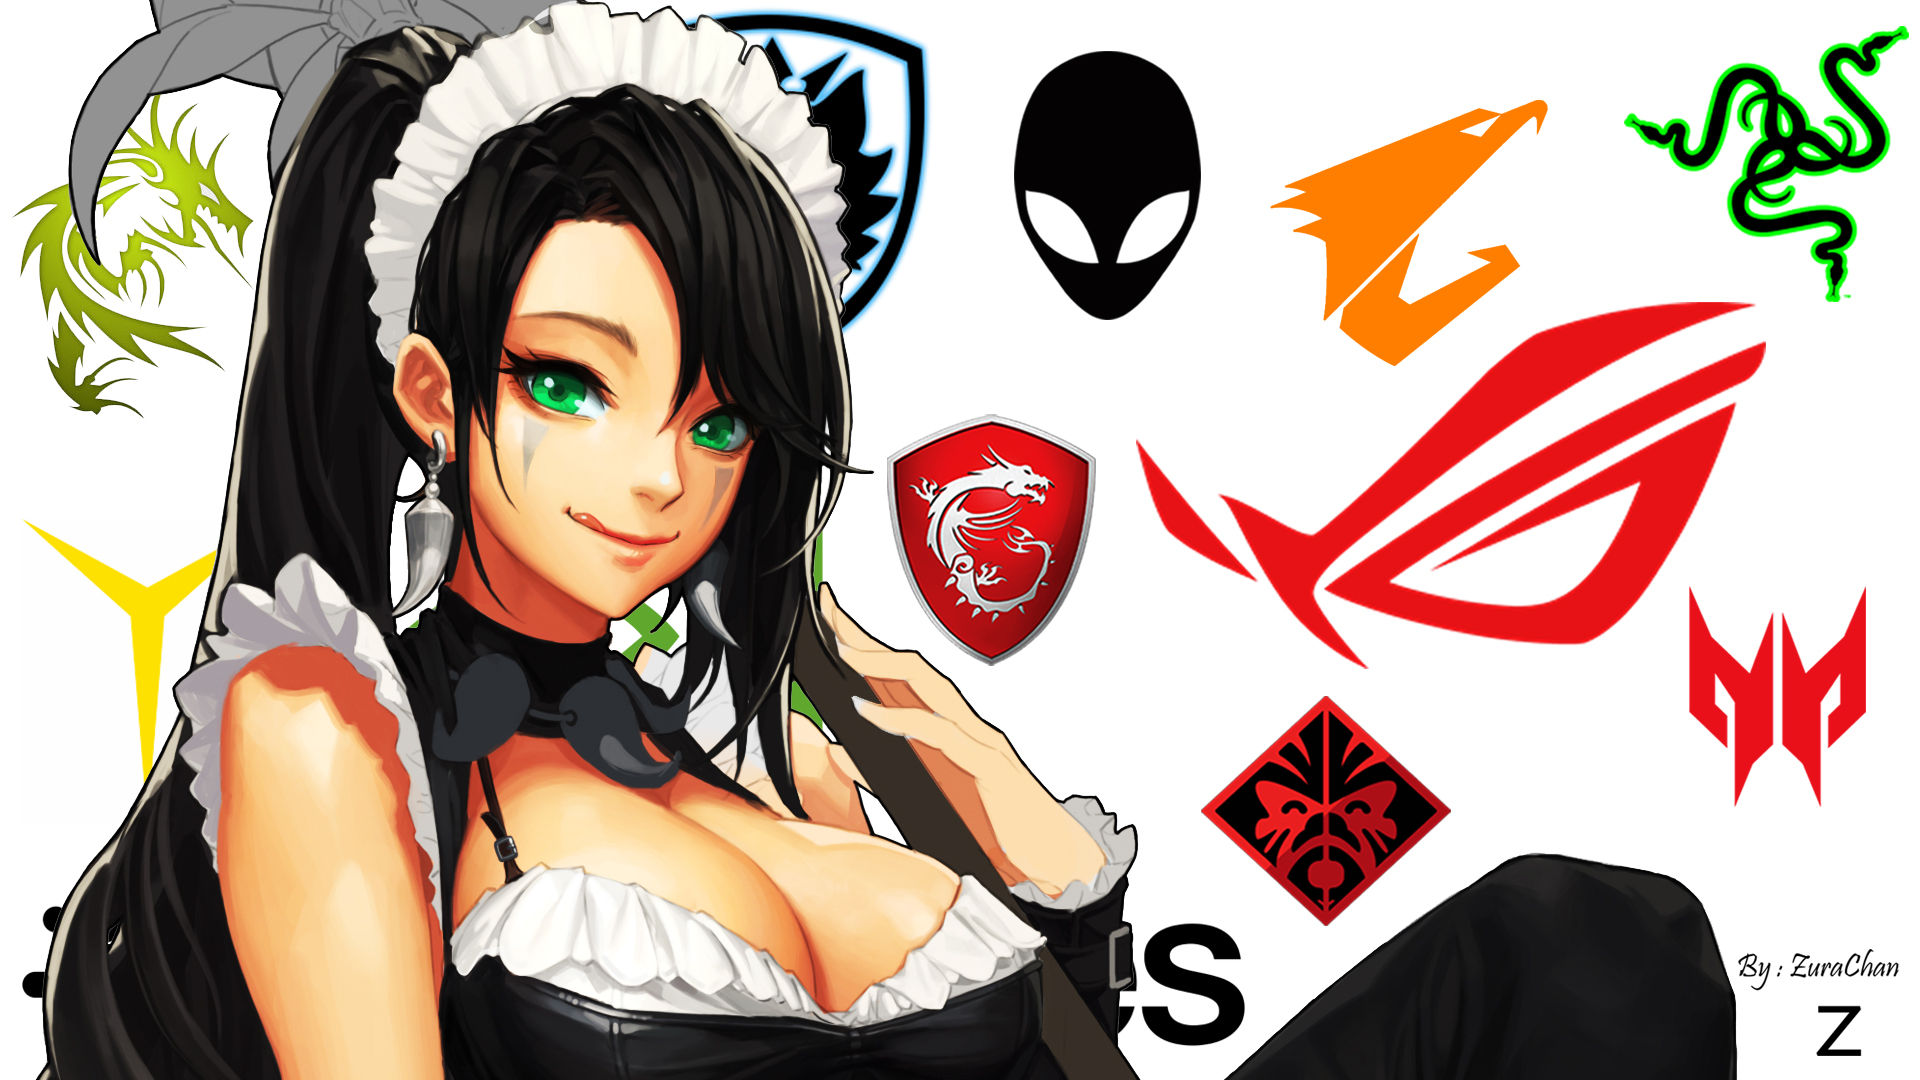 Logo Anime Razer Republic Of Gamers Alienware Hp Omen Msi Nvidia Dragon War Acer Asus Gigabyte Nidal 1920x1080